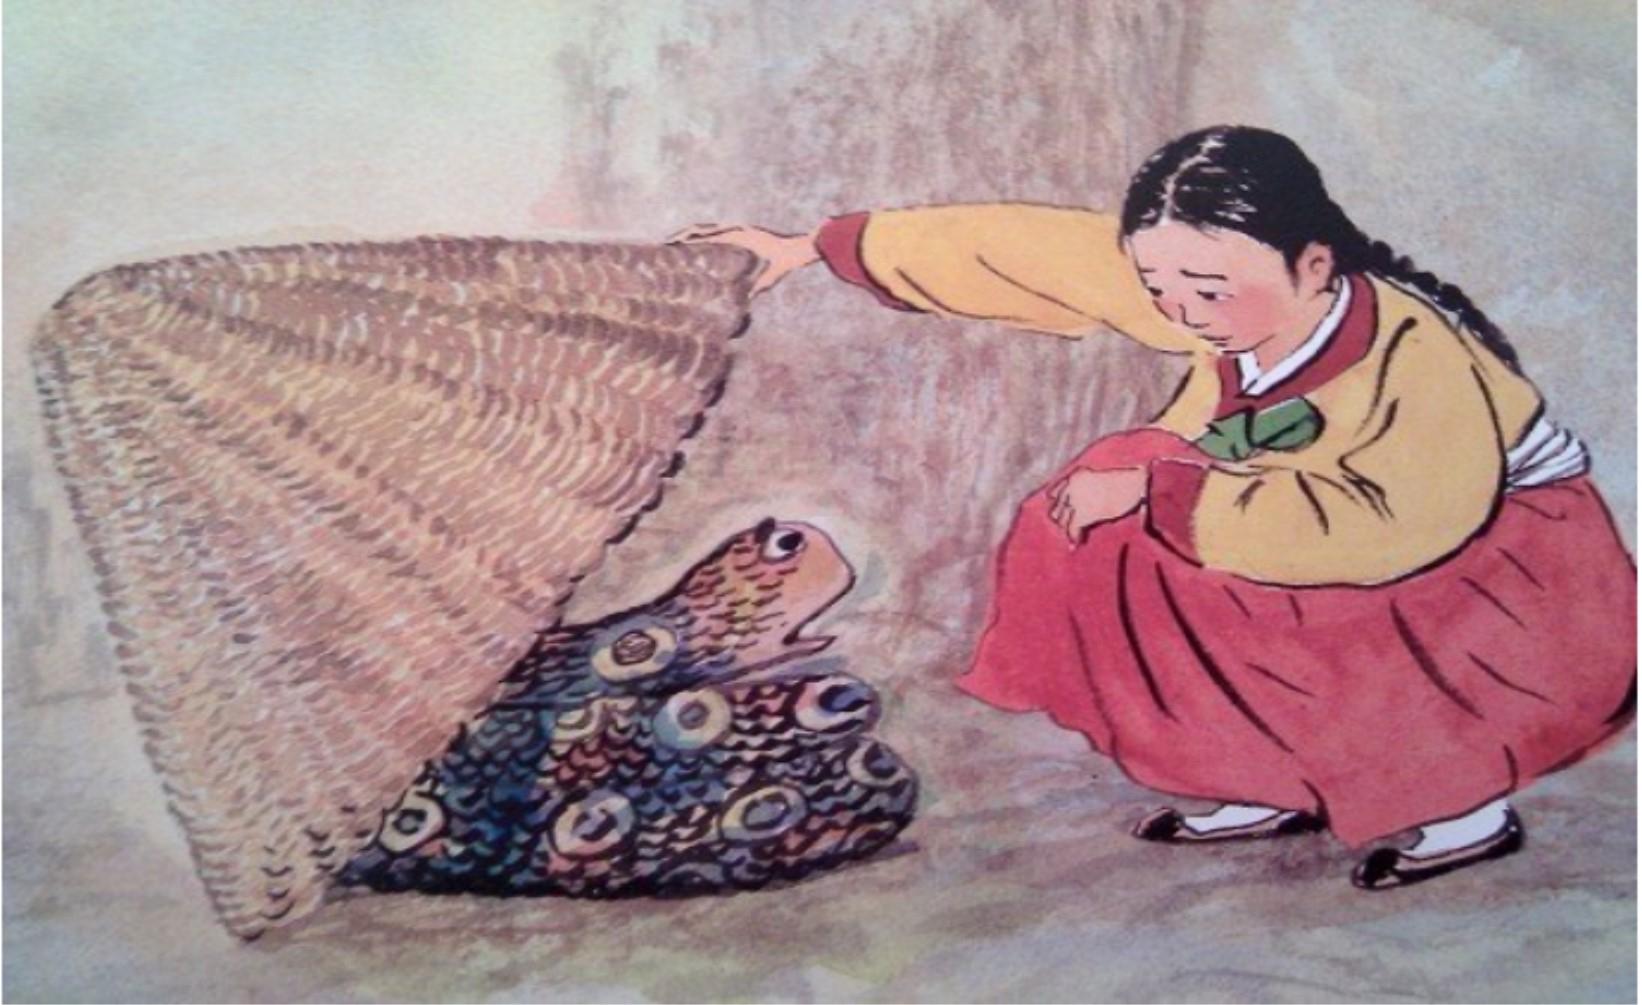 뱀 이야기1 - 우리나라편 구렁덩덩 신선비